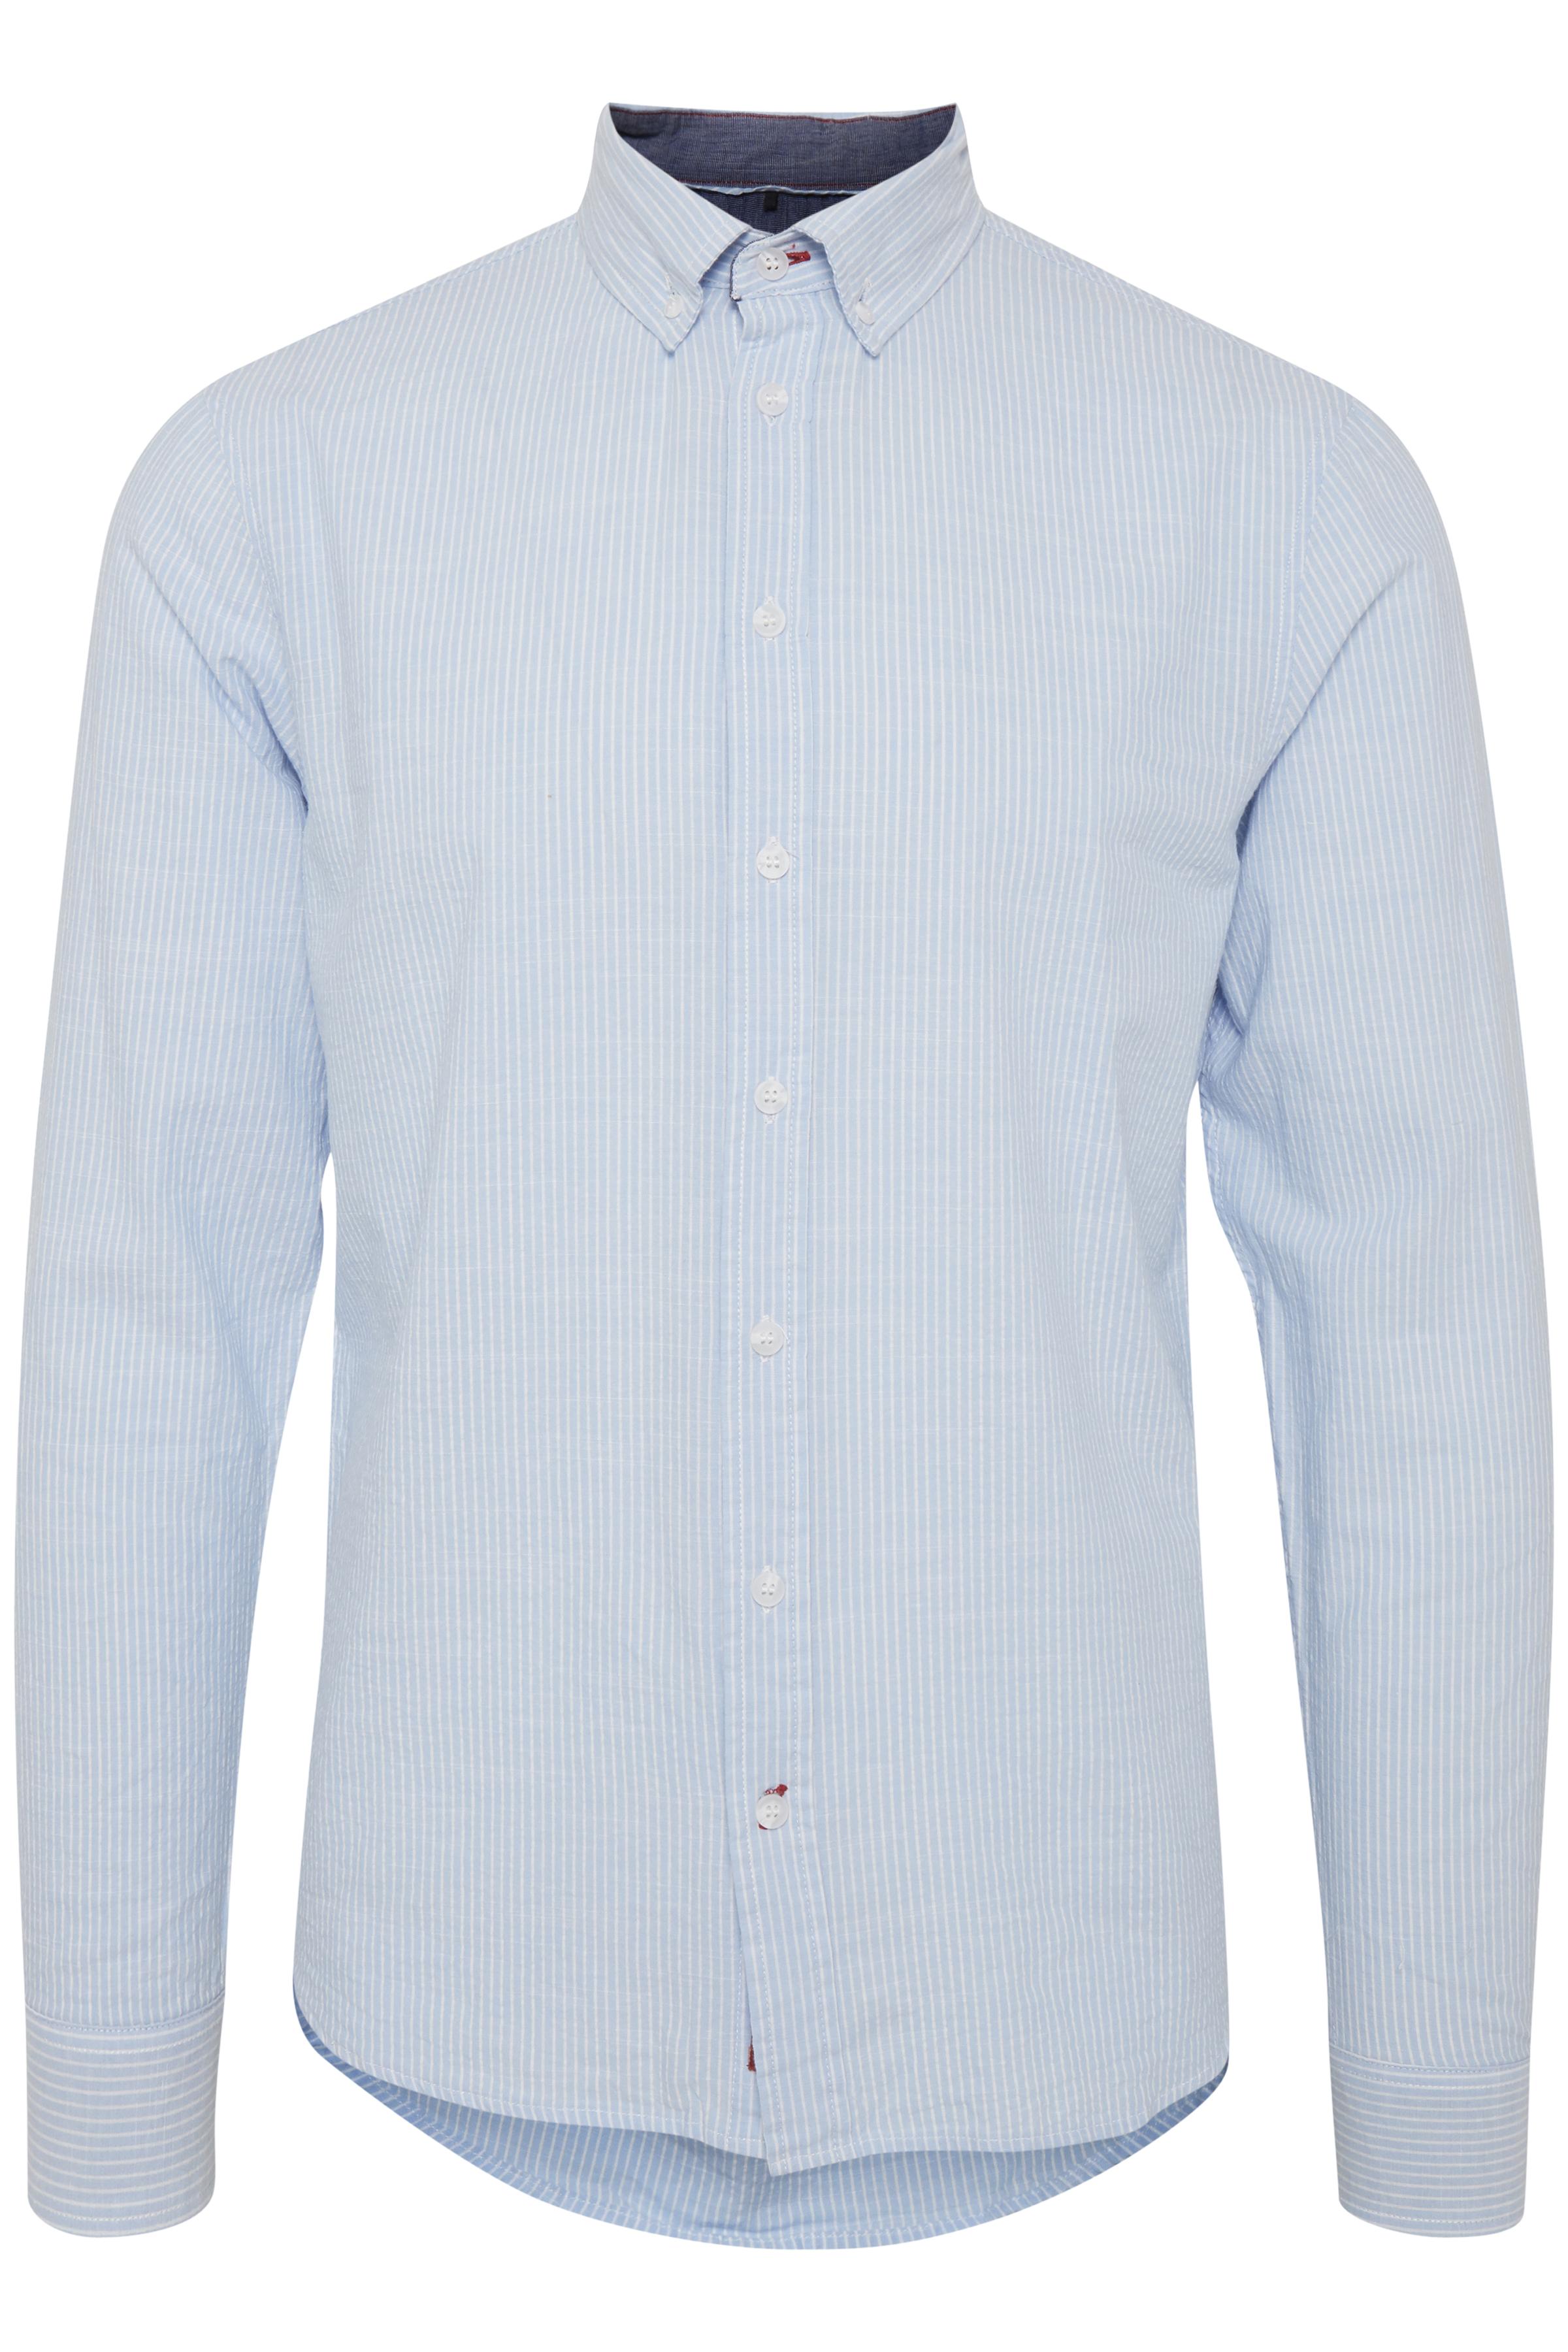 Image of Blend He Herre Langærmet skjorte - Steel Blue